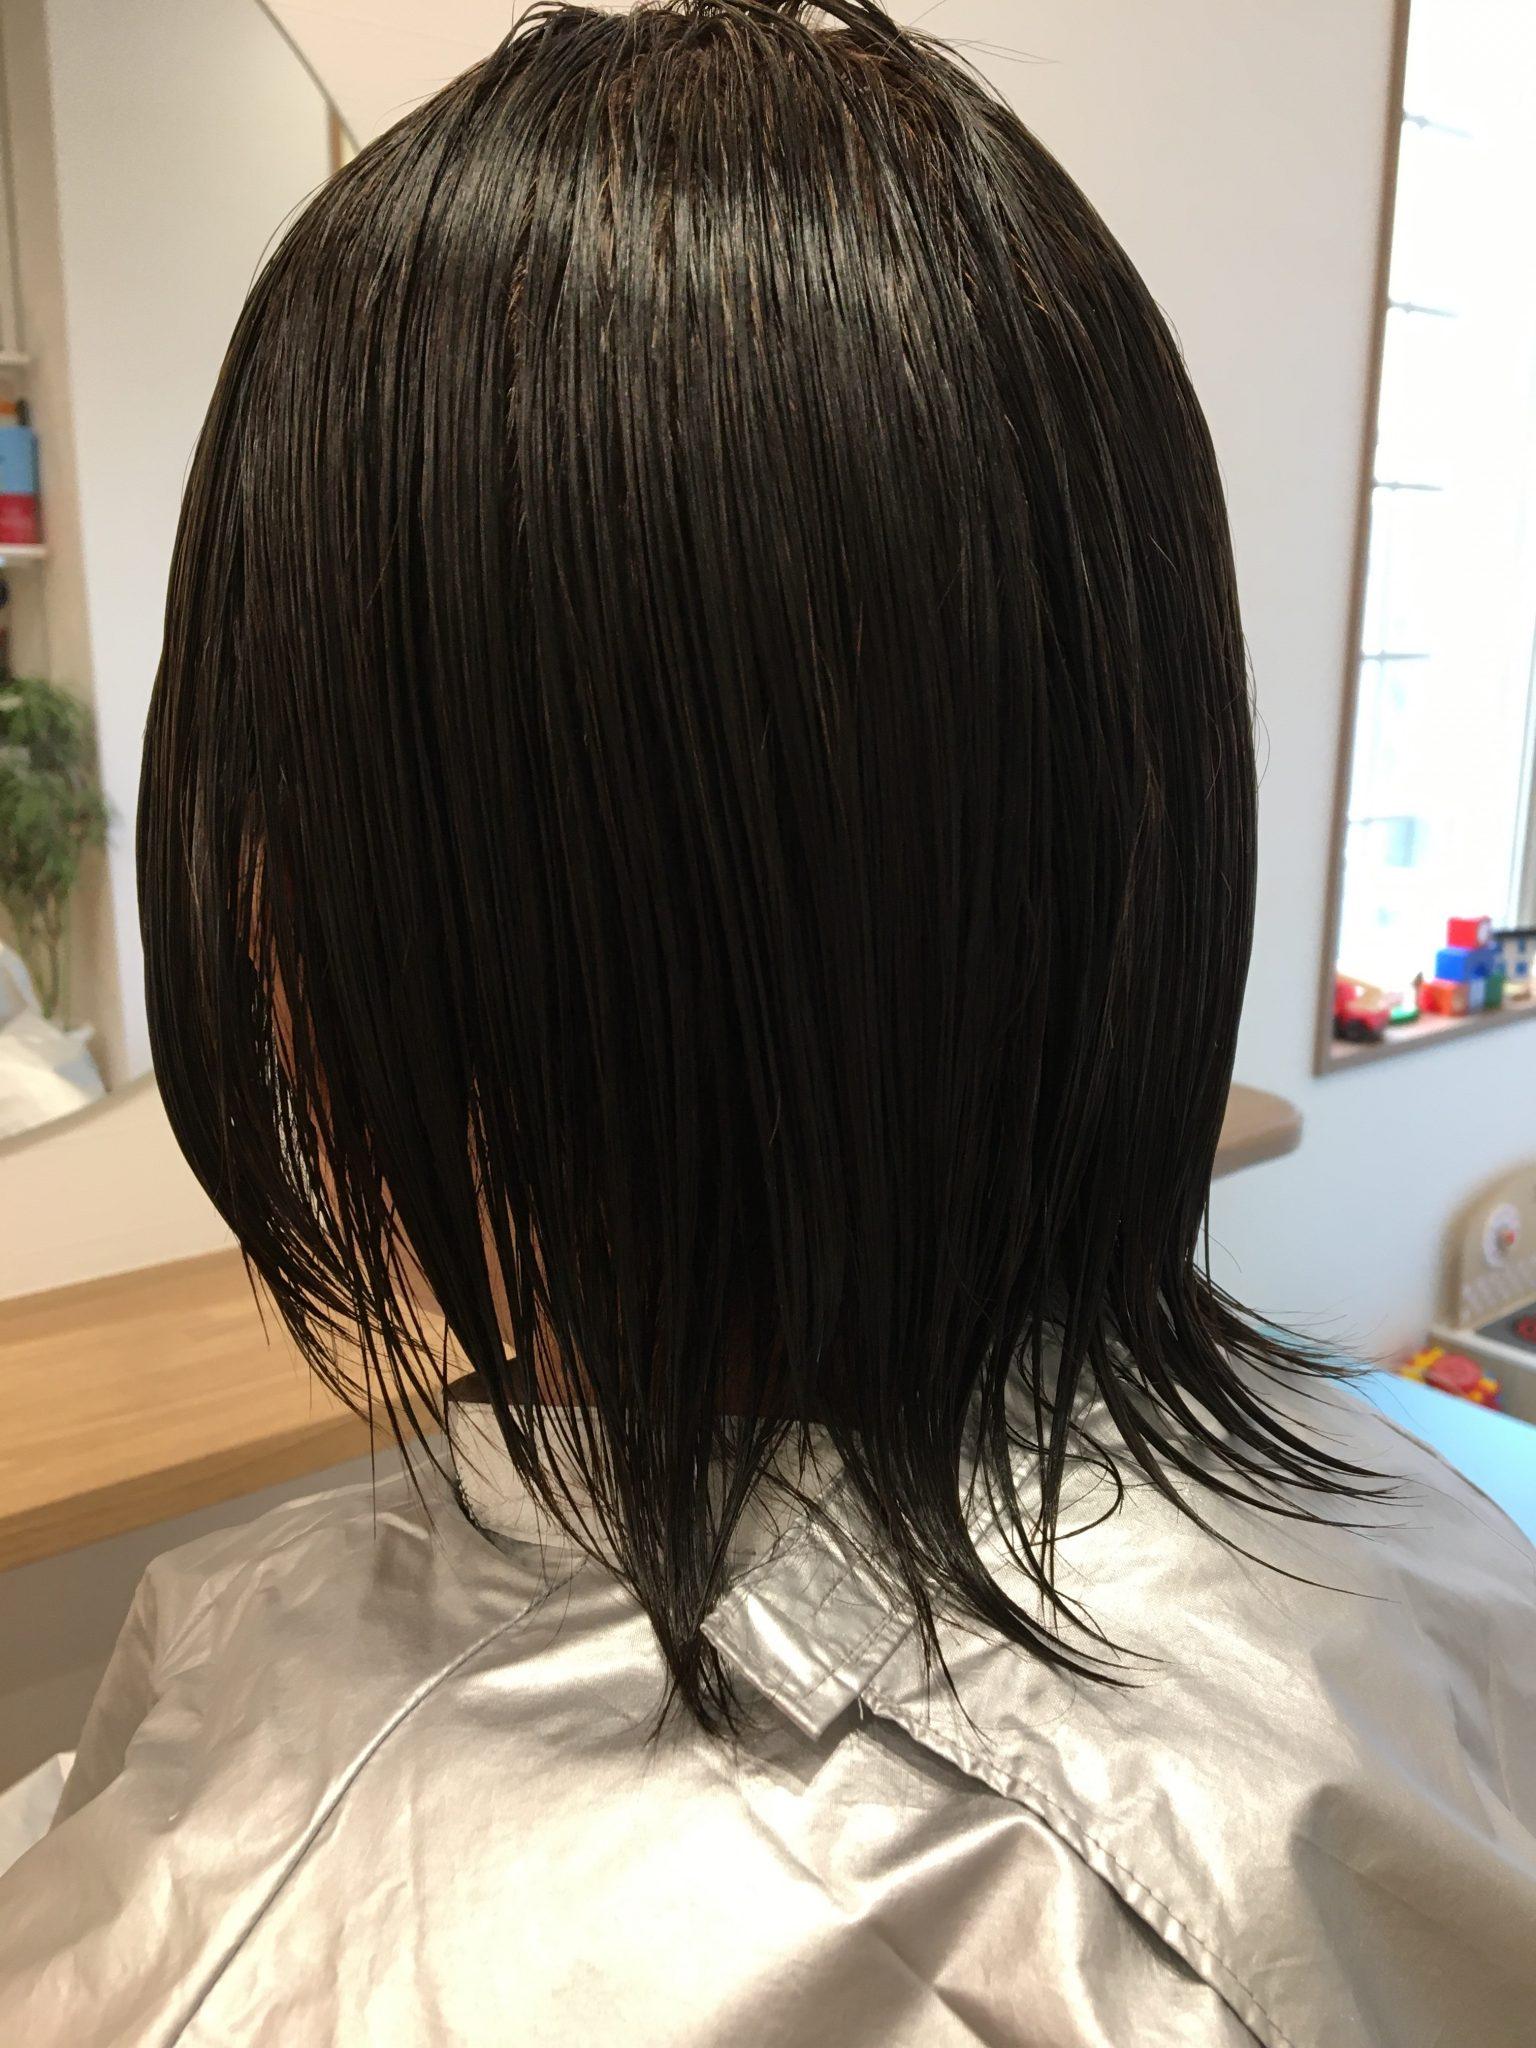 米子美容室 R ing/直毛の方におすすめパーマ♡